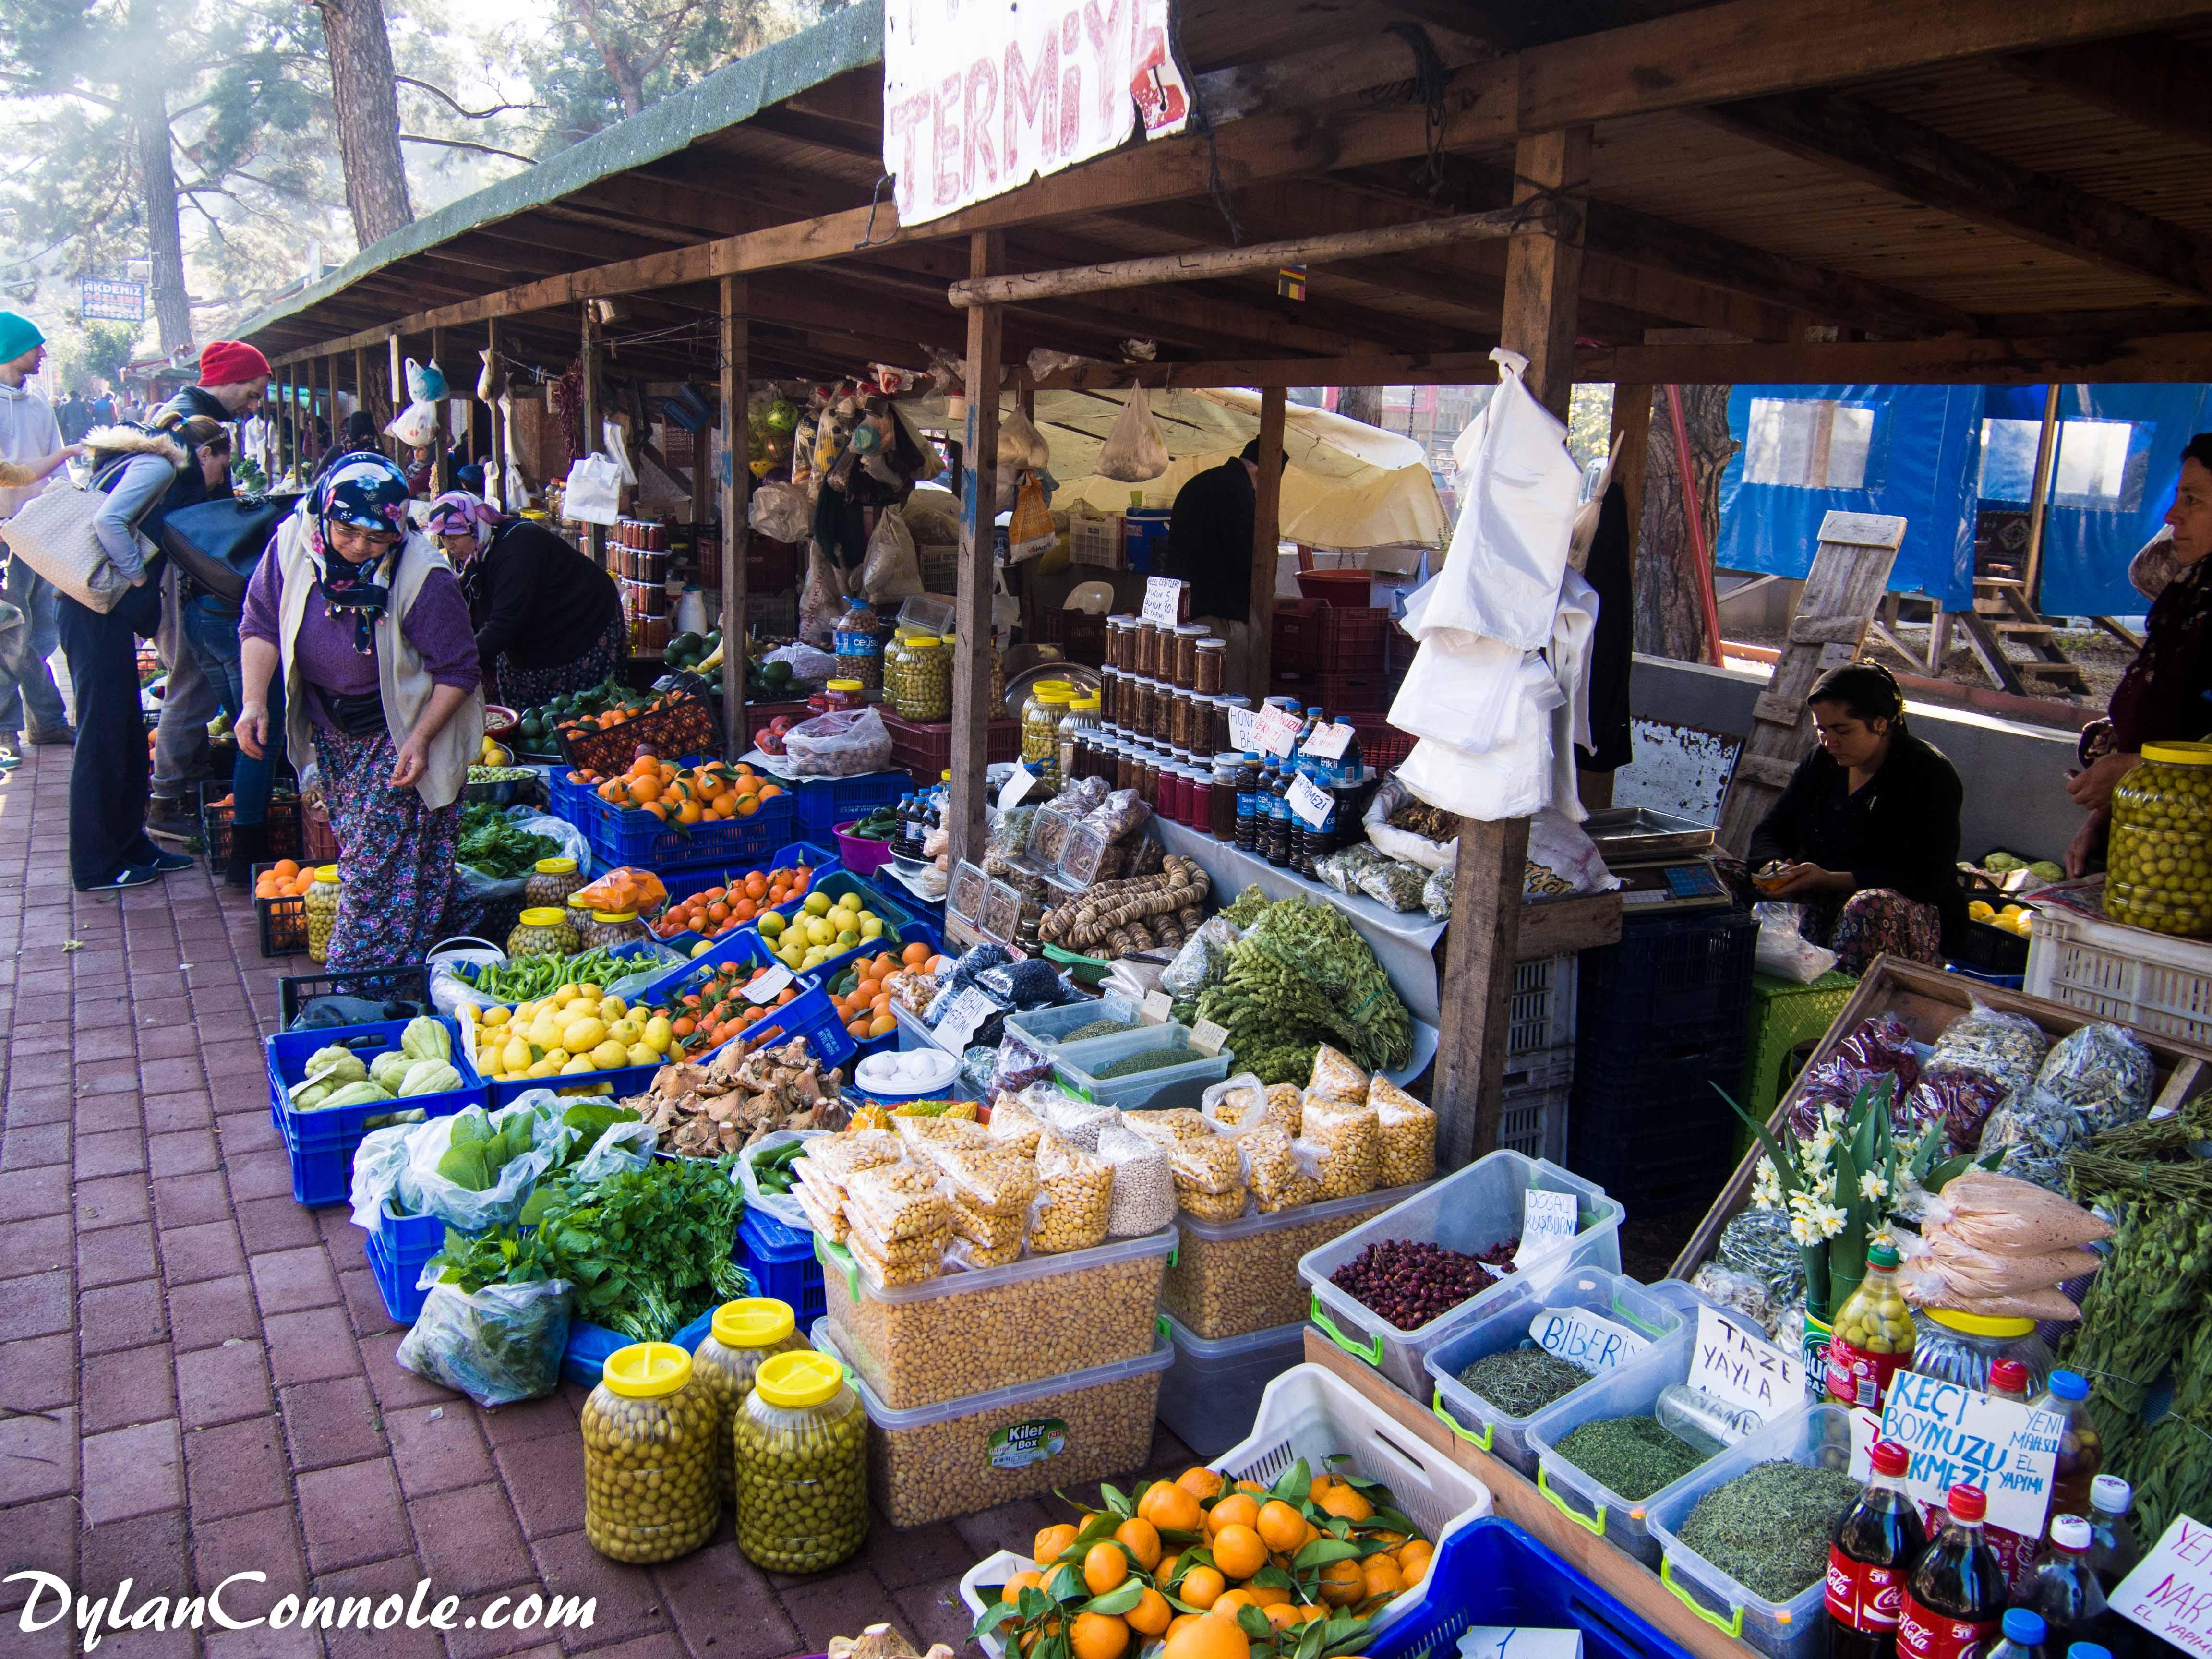 Tyrkisk marked hver søndag